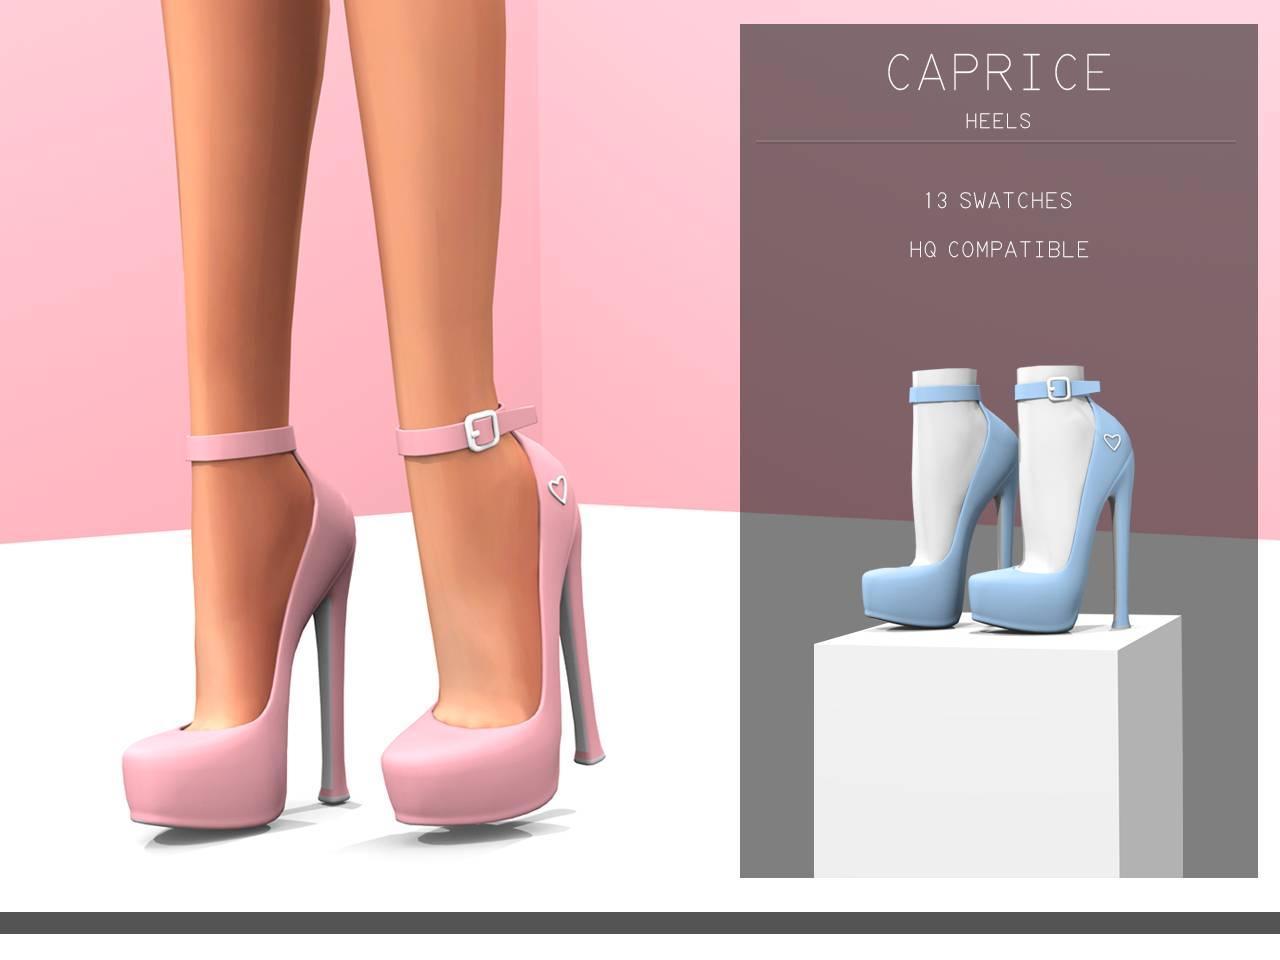 Туфли - Caprice Heels